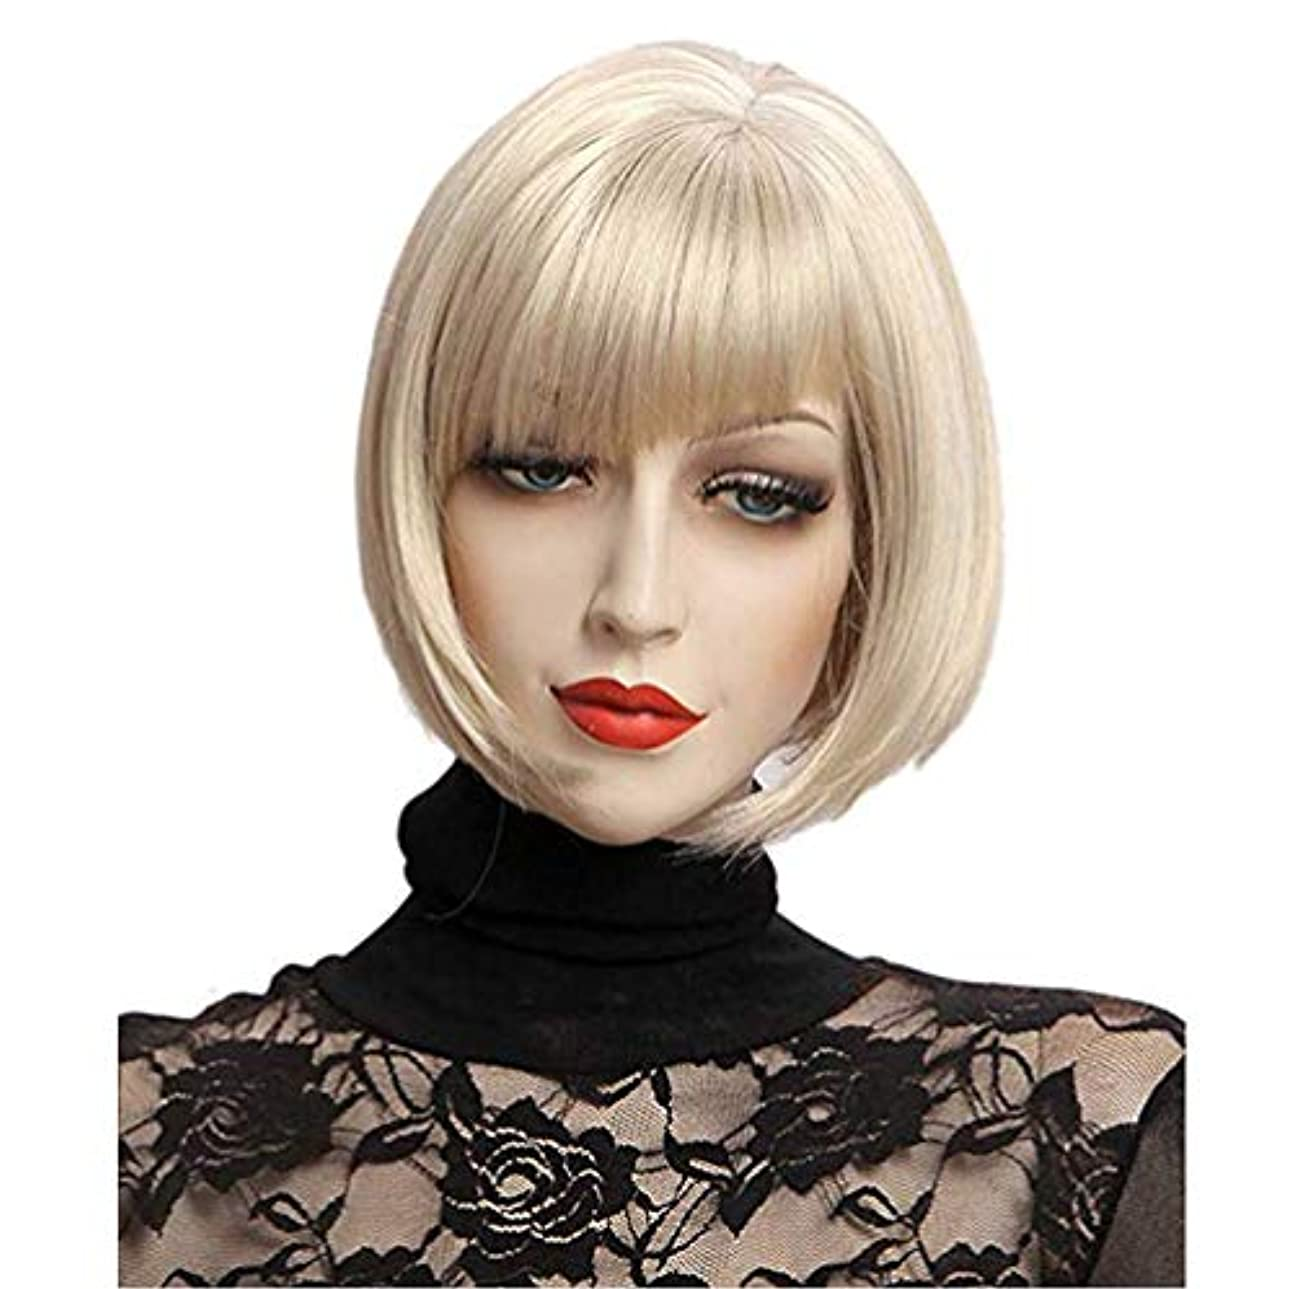 作りますクリアプレゼン女性合成ボブショートウィッグカラー耐熱コスプレパーティーヘアウィッグ30cm